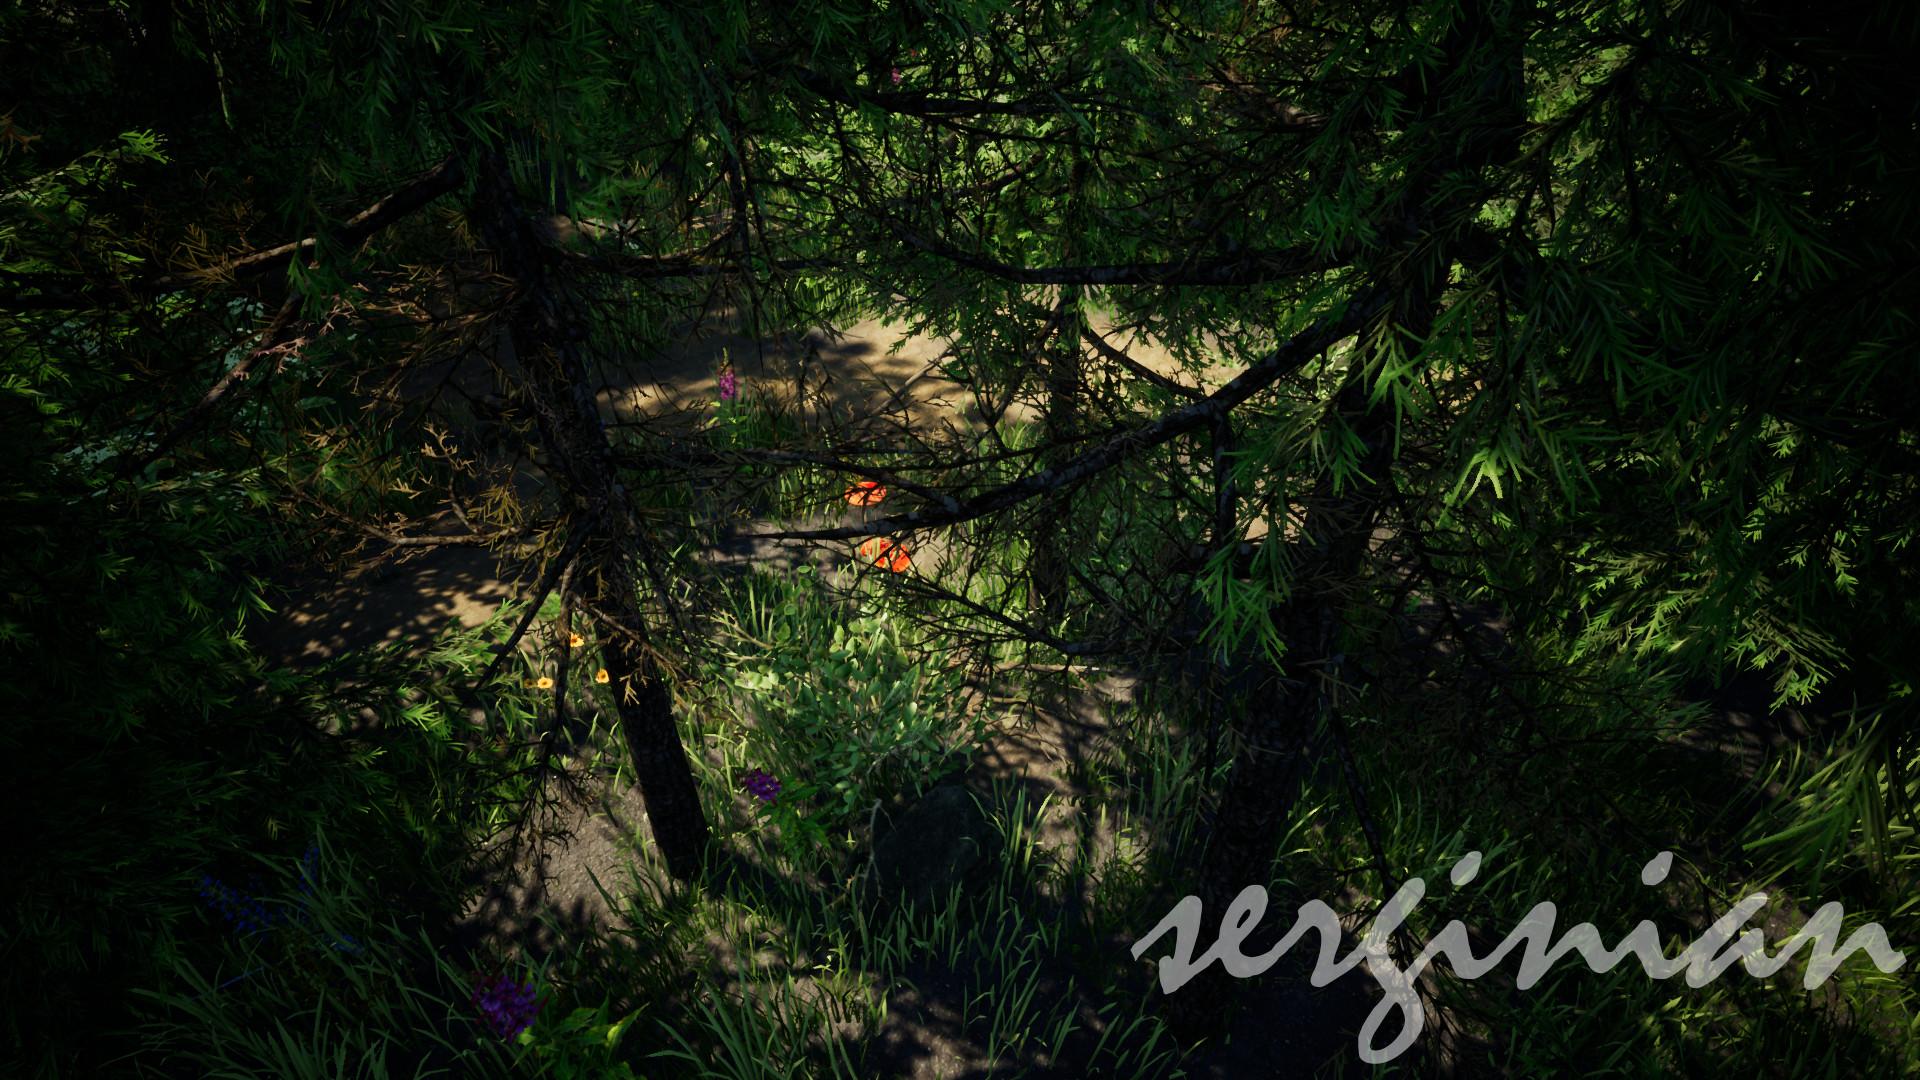 Sergei aparin forest 32 bit pcd3d sm5 02 01 2018 11 29 44